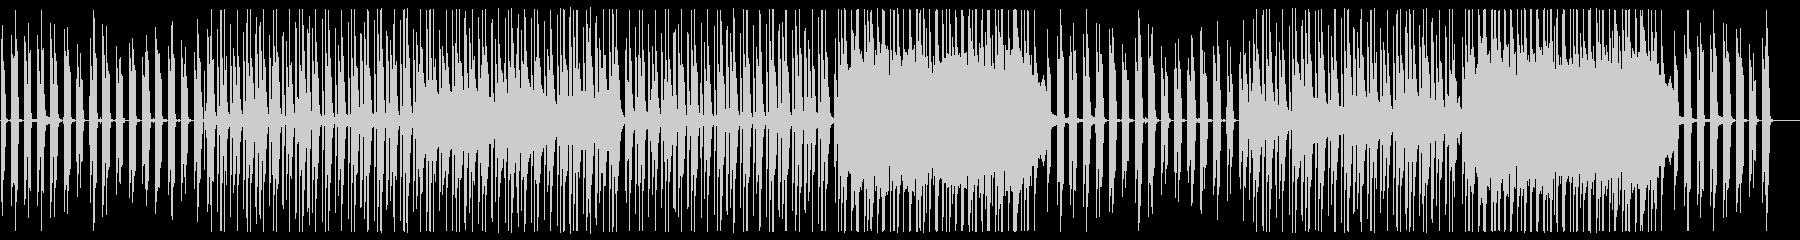 まったりとしなやかなアコギサウンドの未再生の波形